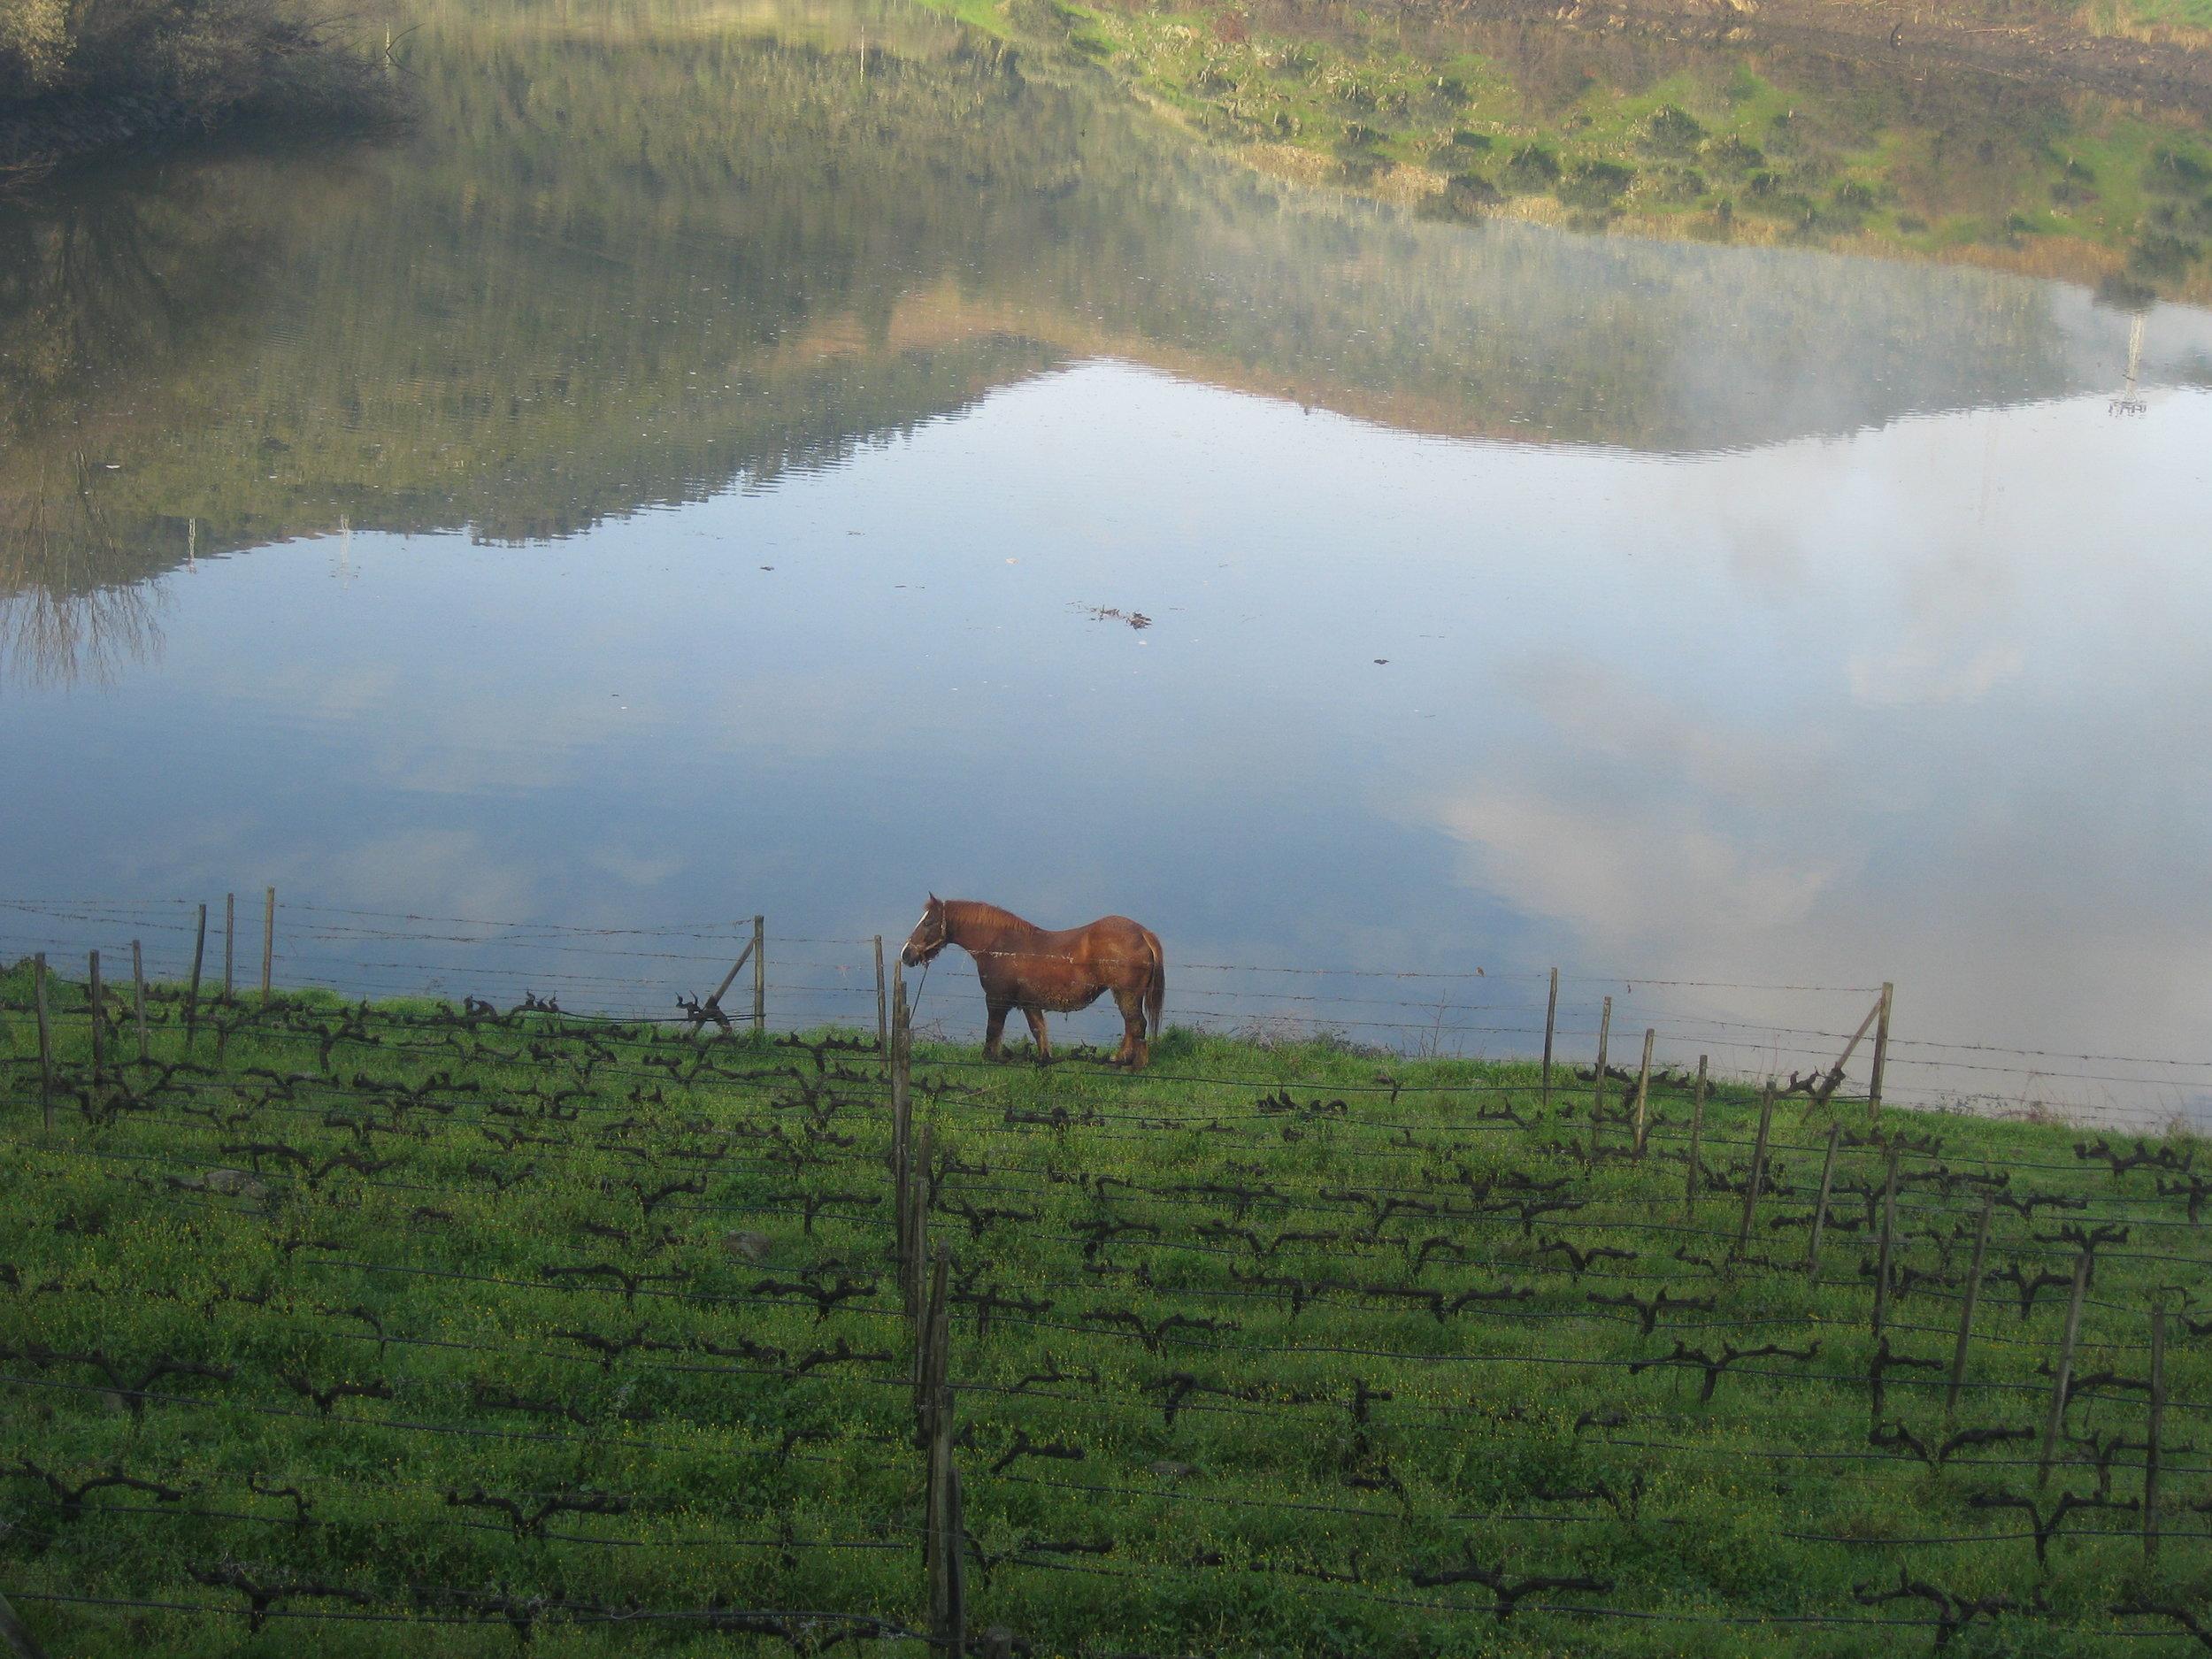 Tedo at work grazing